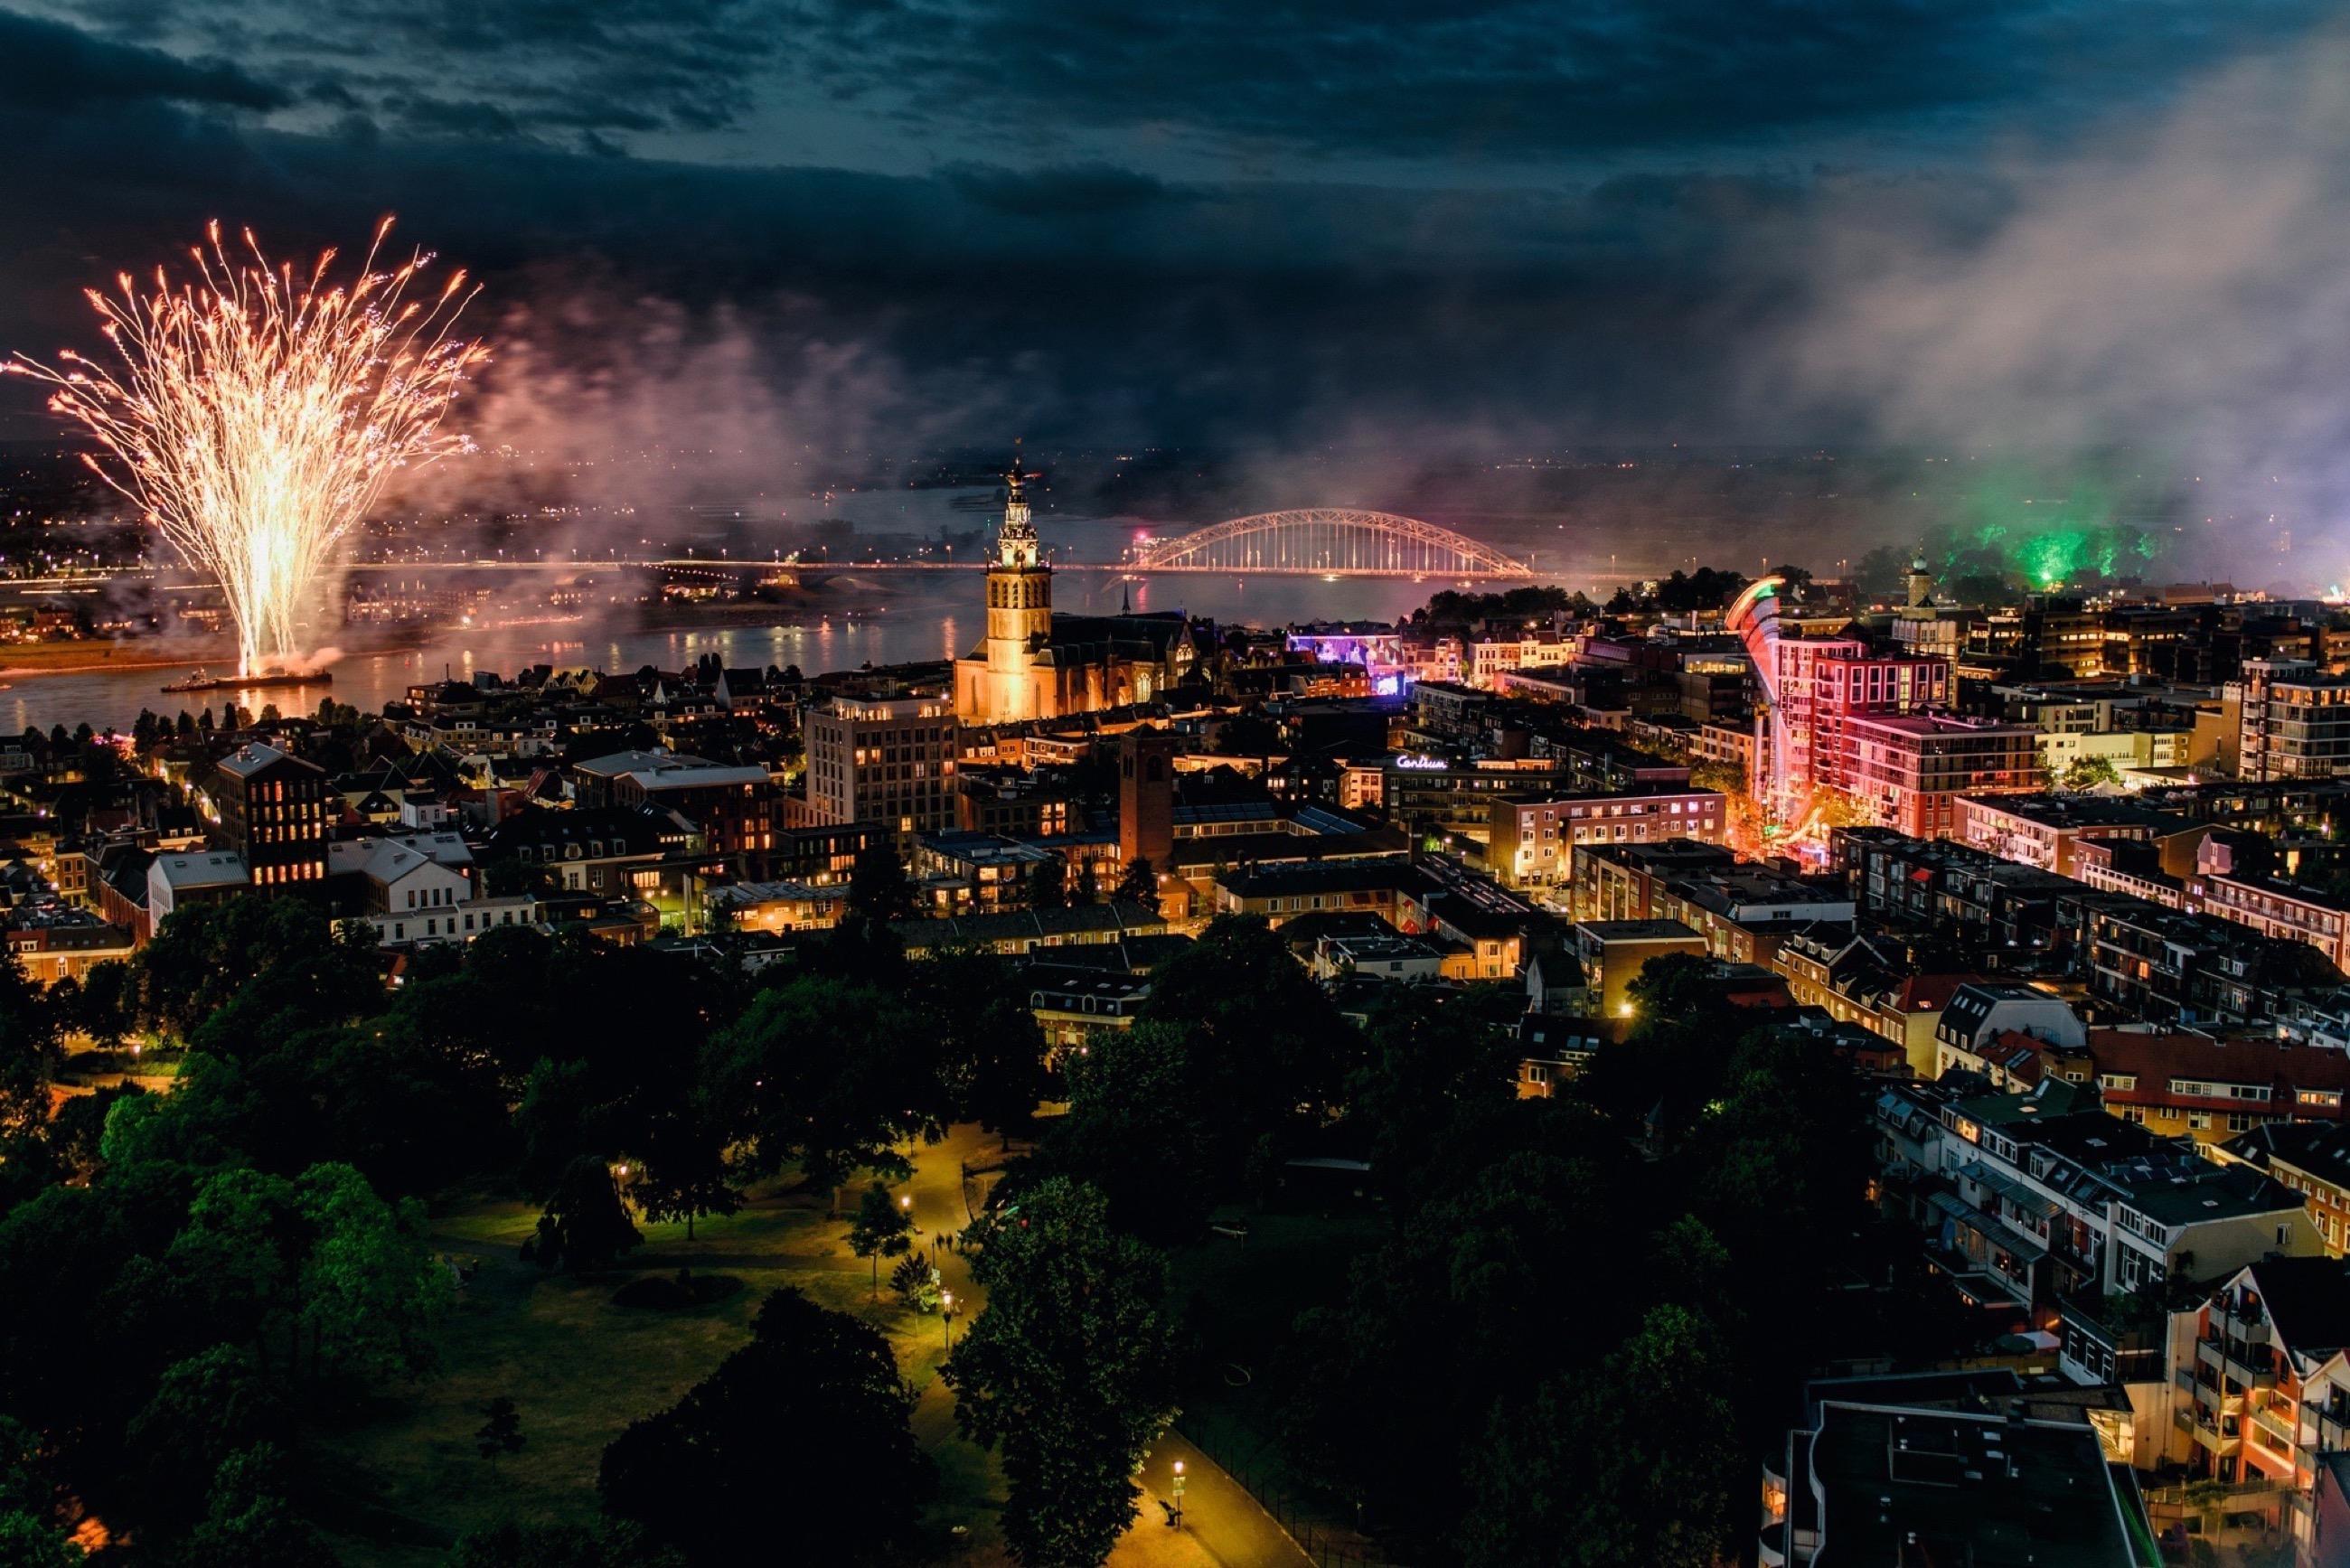 Vierdaagsefeesten 2019: 'Jubileumeditie met gouden glans'